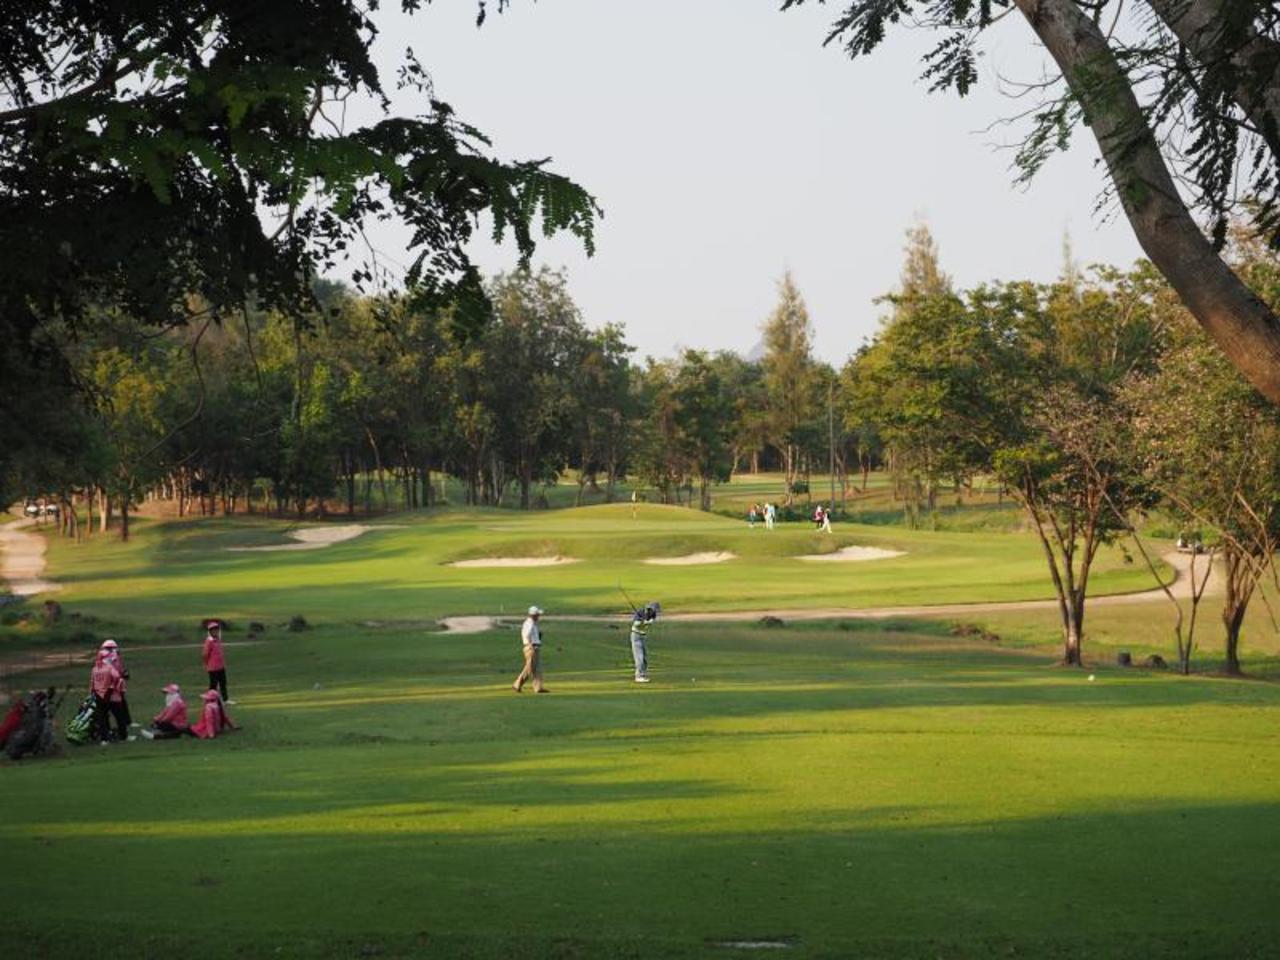 สว่าง รีสอร์ต กอล์ฟ คลับ แอนด์ โฮเต็ล (Sawang Resort Golf Club and Hotel)